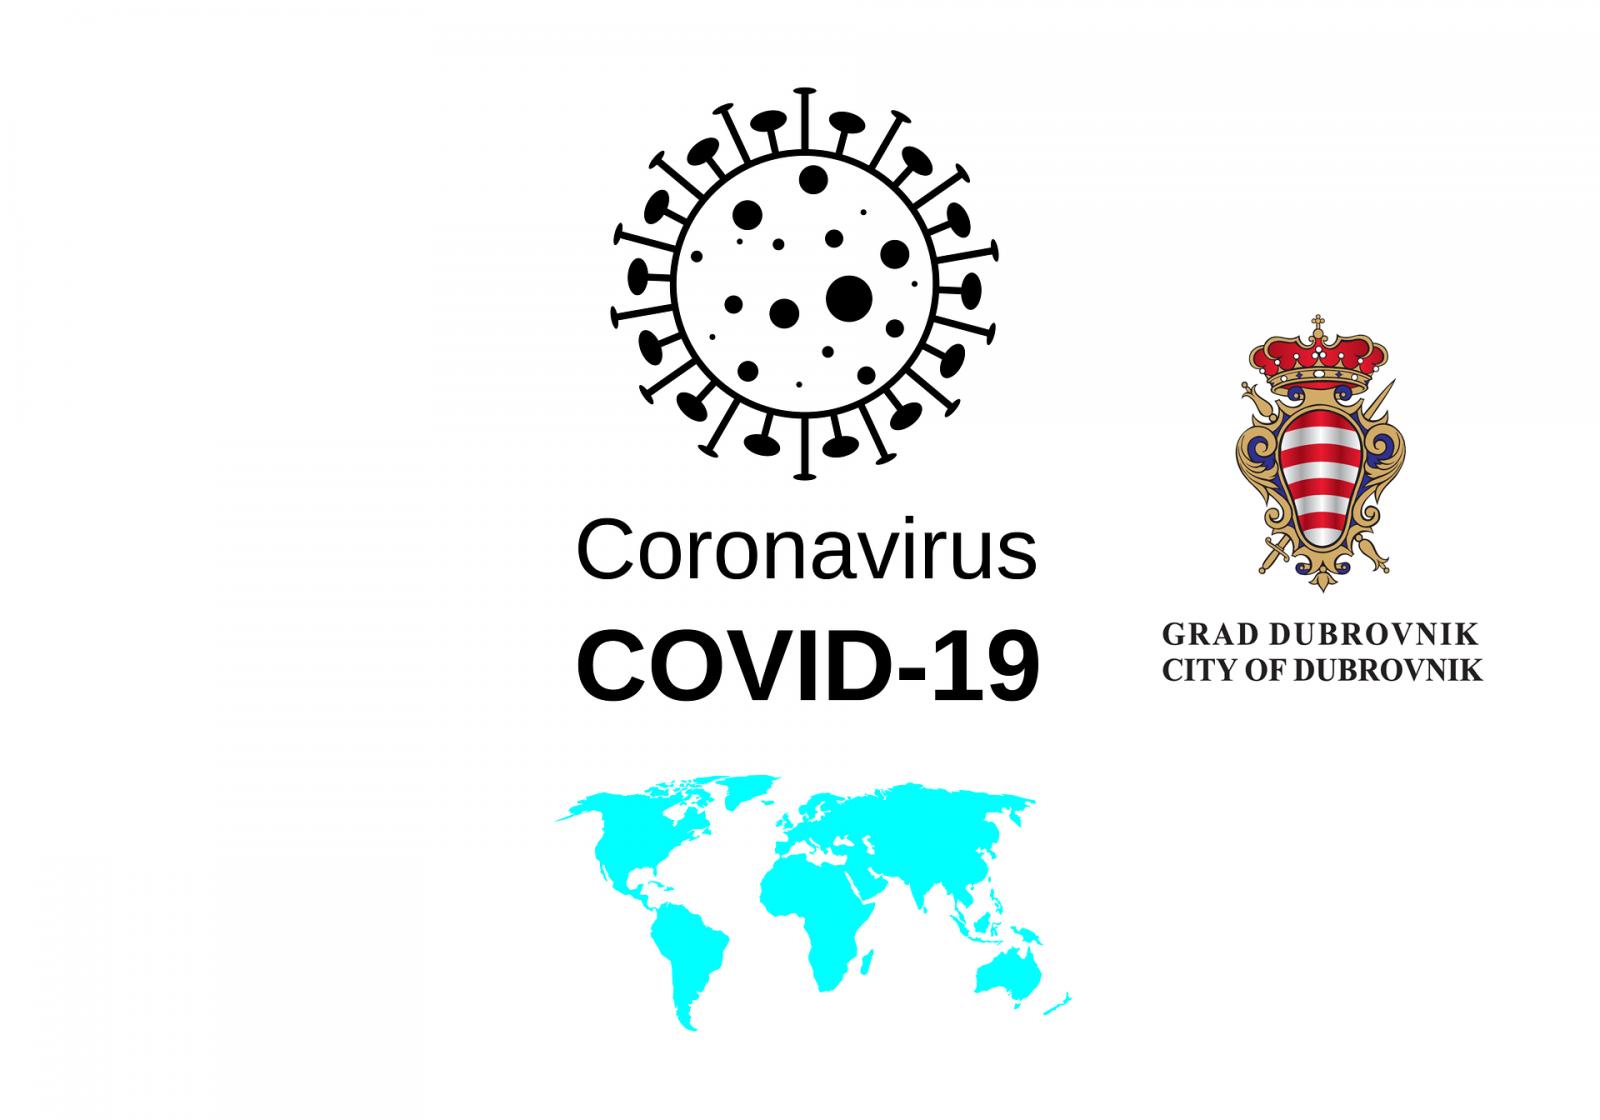 IZVJEŠĆE GRADONAČELNIKA o poduzetim mjerama vezanim uz suzbijanje epidemije koronavirusa